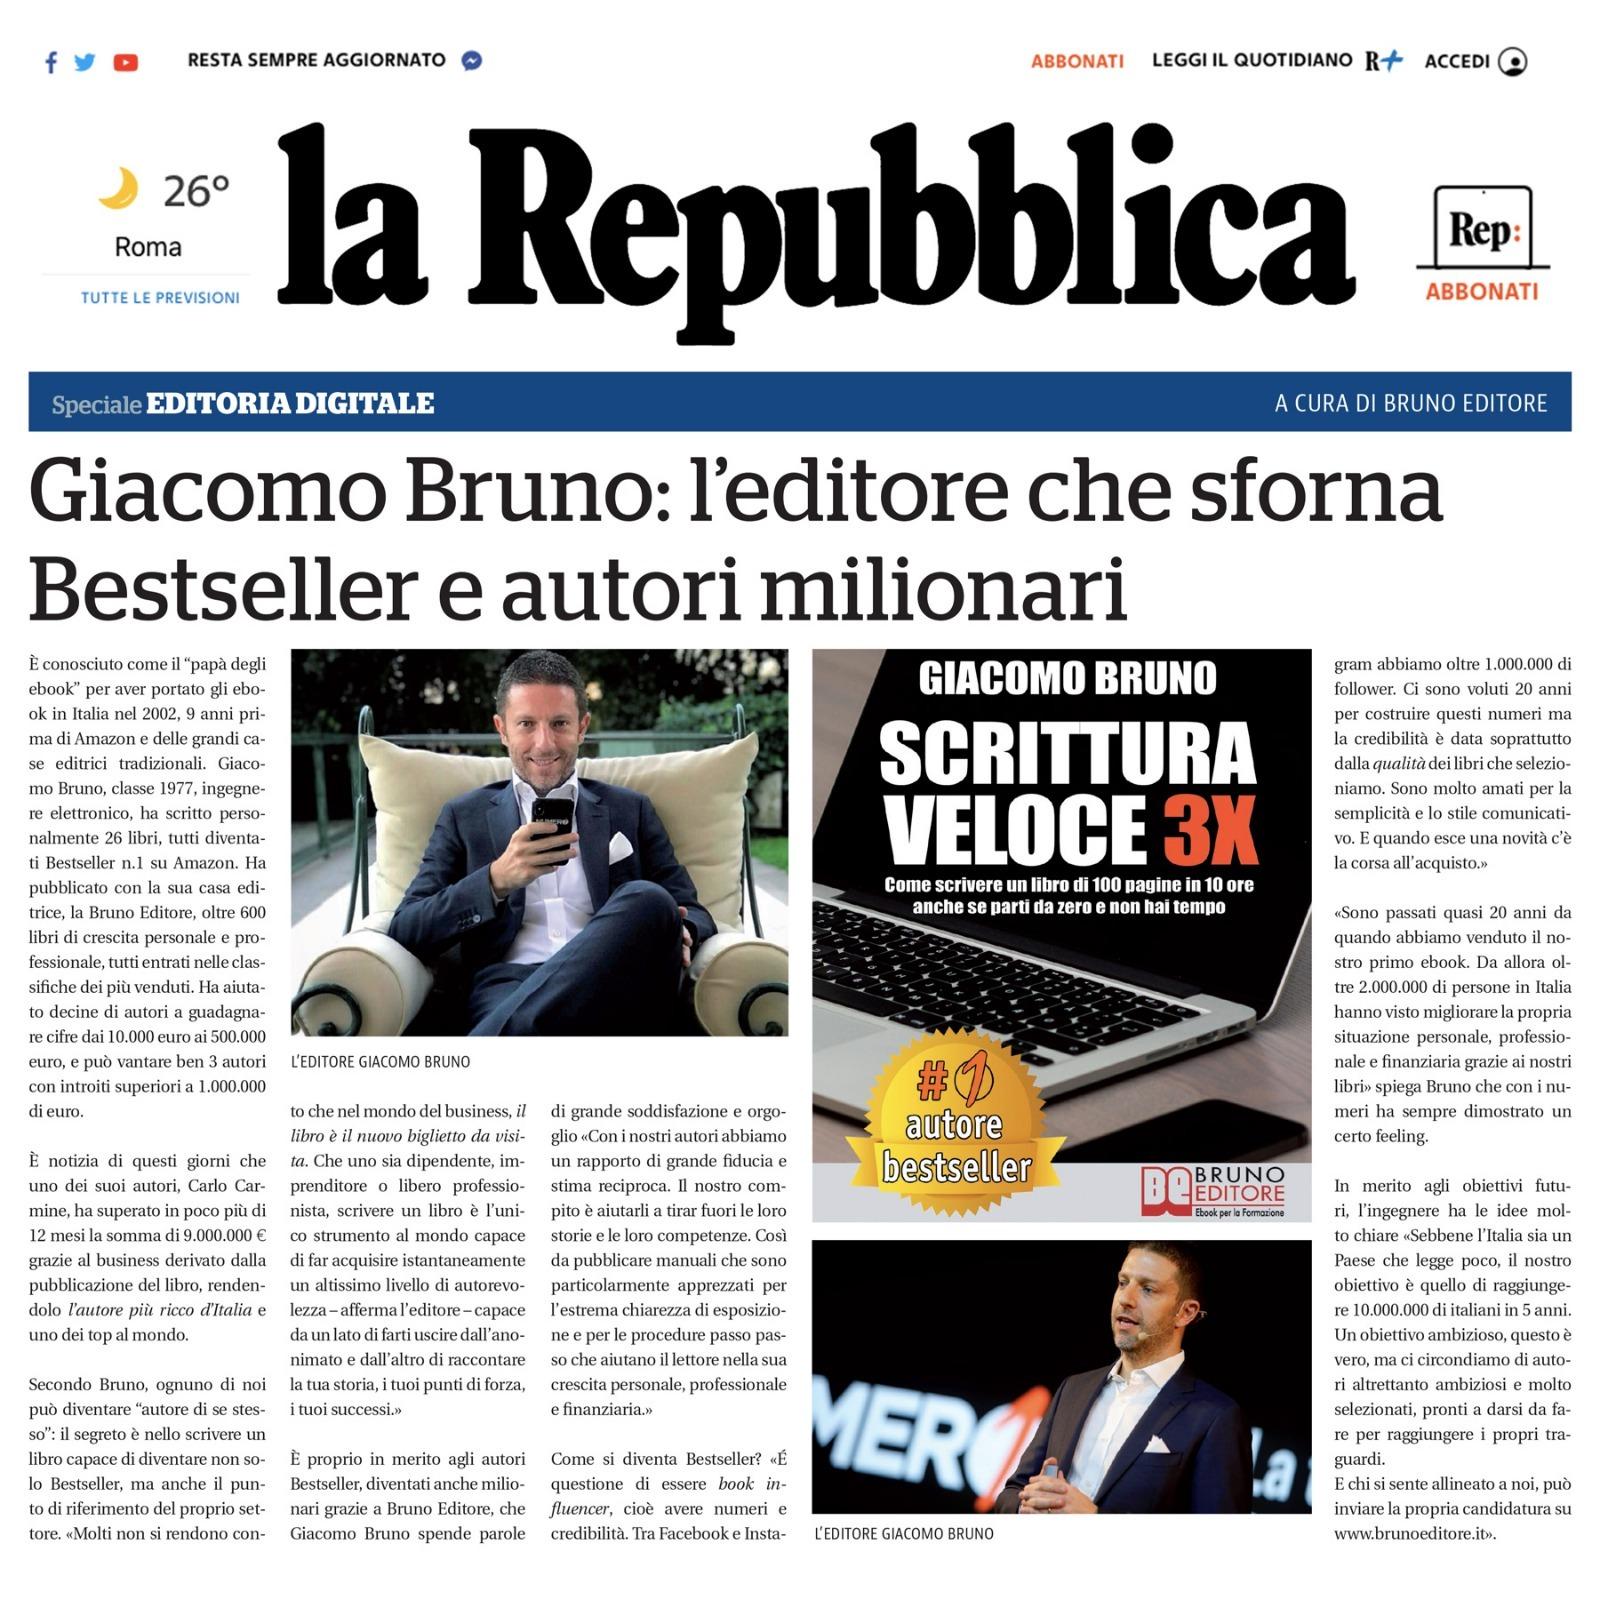 Giacomo Bruno patrimonio dell'editore che sforna autori da milioni di euro